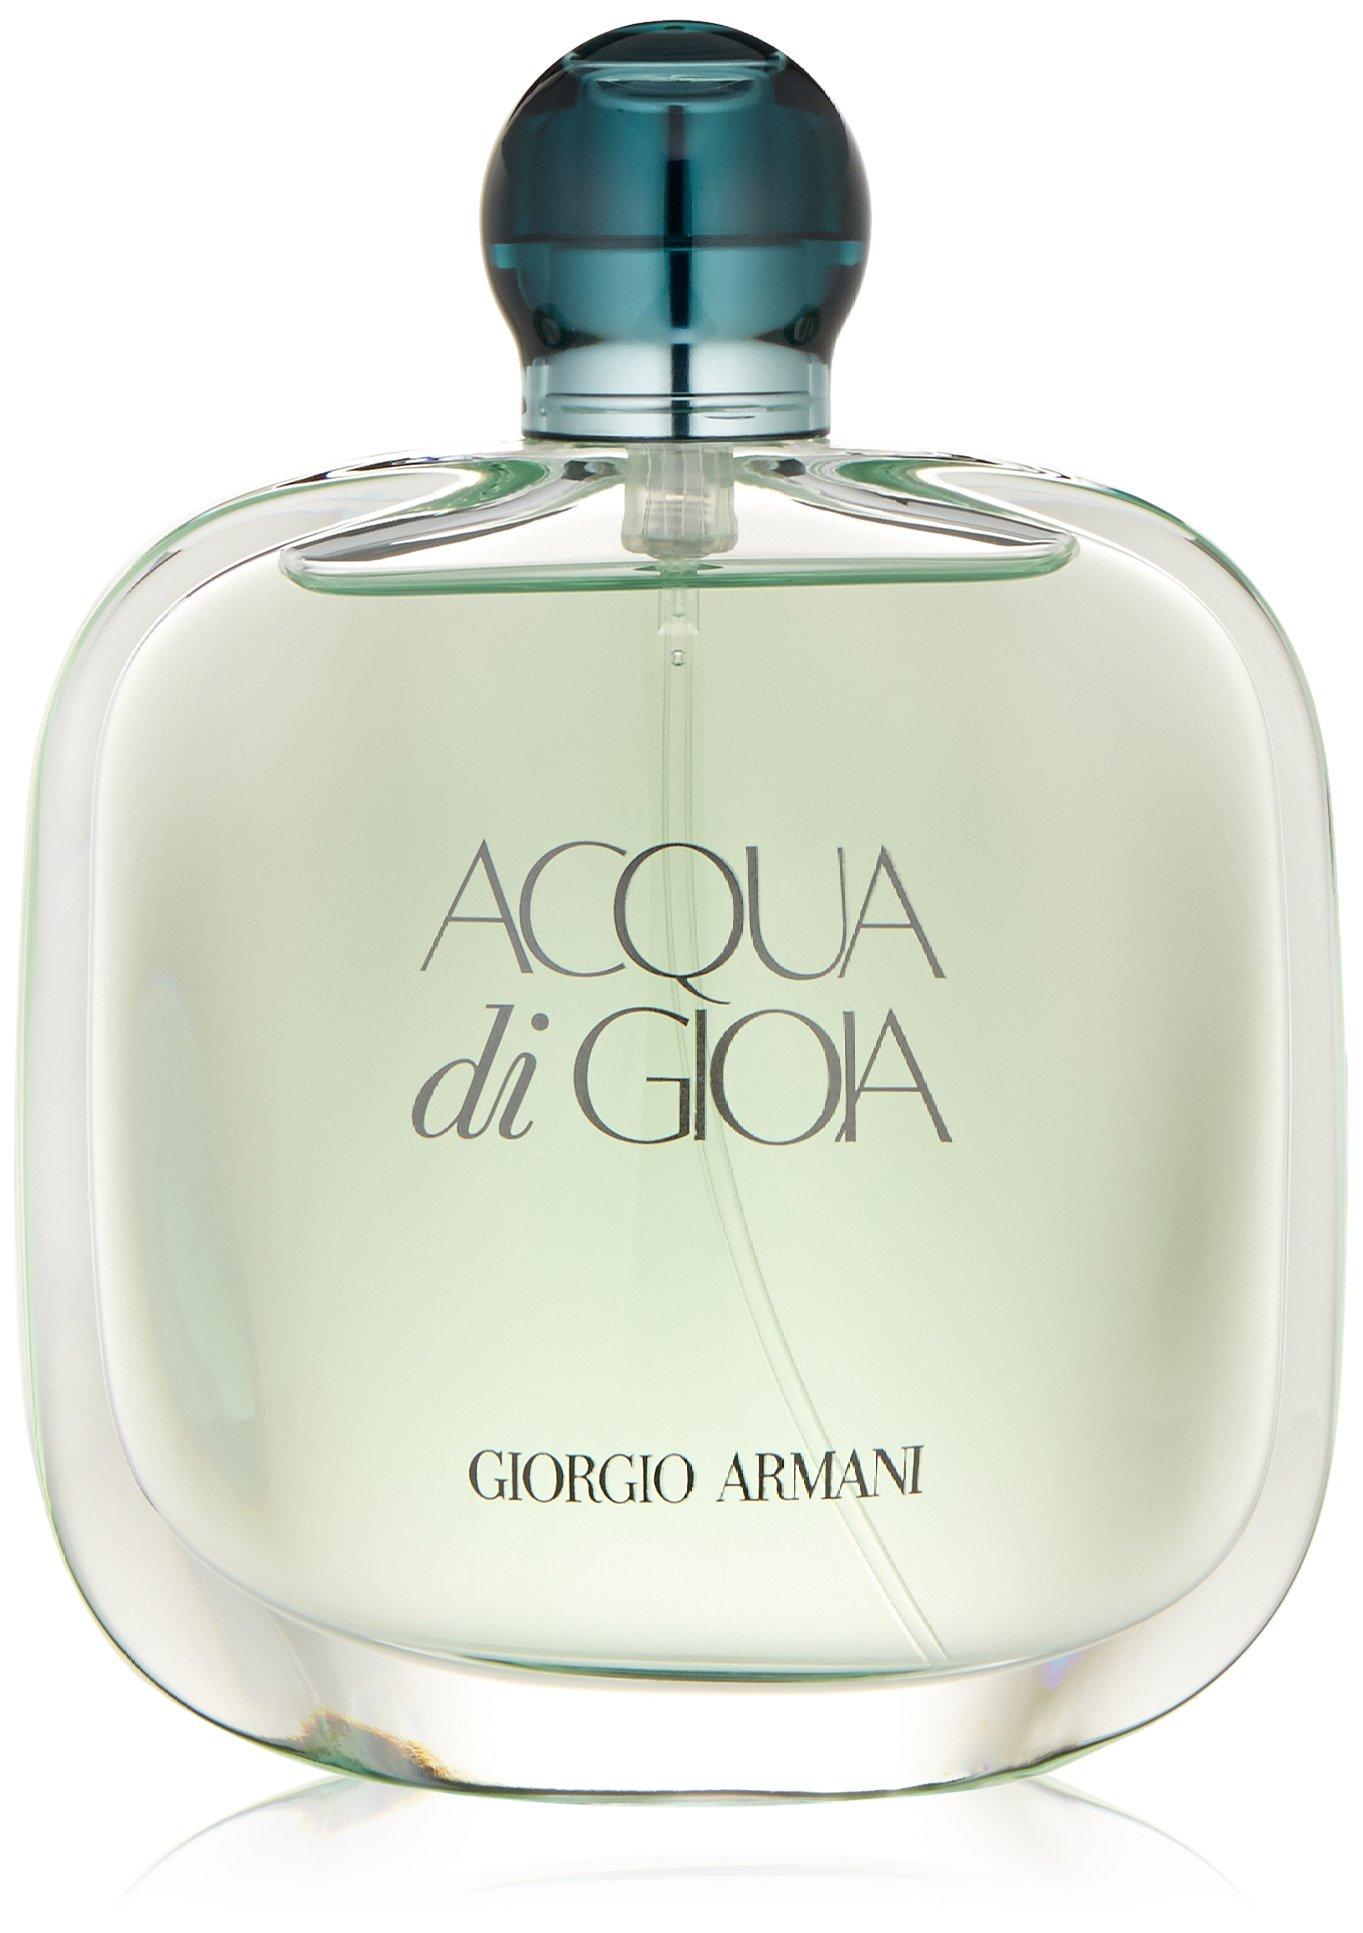 Giorgio Armani Acqua Di Gioia Eau de Parfum Spray for Women, 3.4 Fluid Ounce